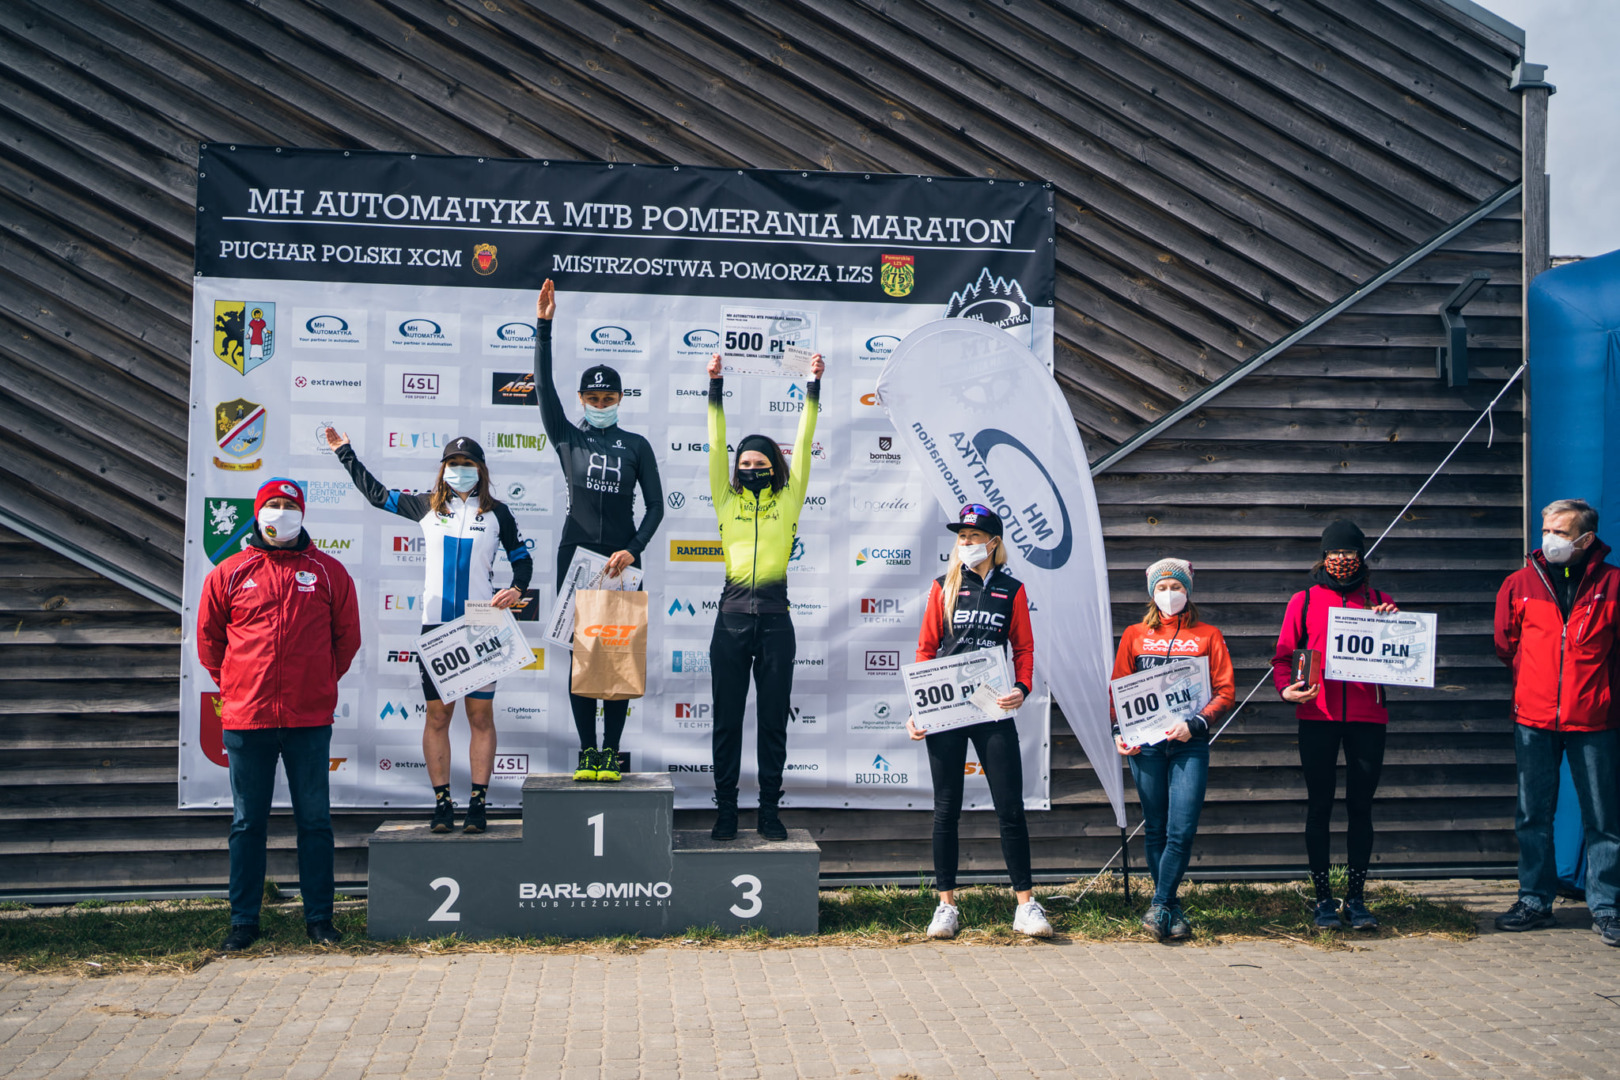 Zawodnicy RK Exclusive Doors MTB Team podsumowują start w Pucharze Polski w maratonie MTB w Luzino